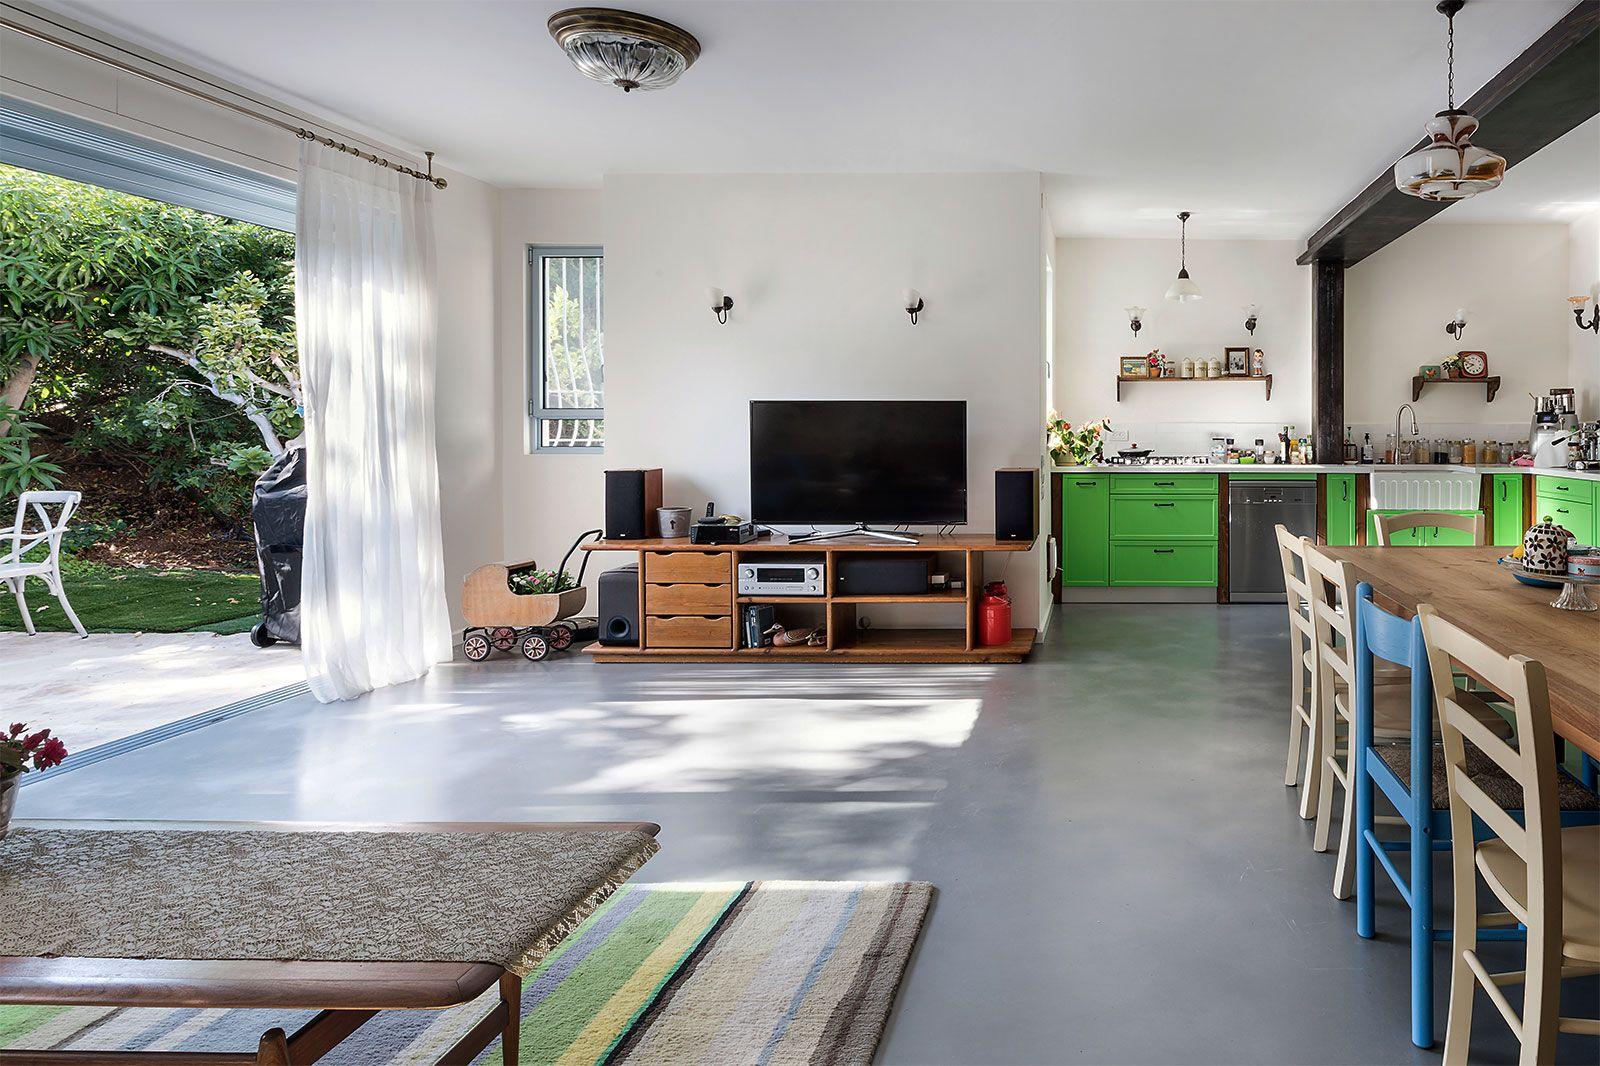 רצפת בטון מוחלק בטון דקורטיבי בעיצובים מדהימים (With